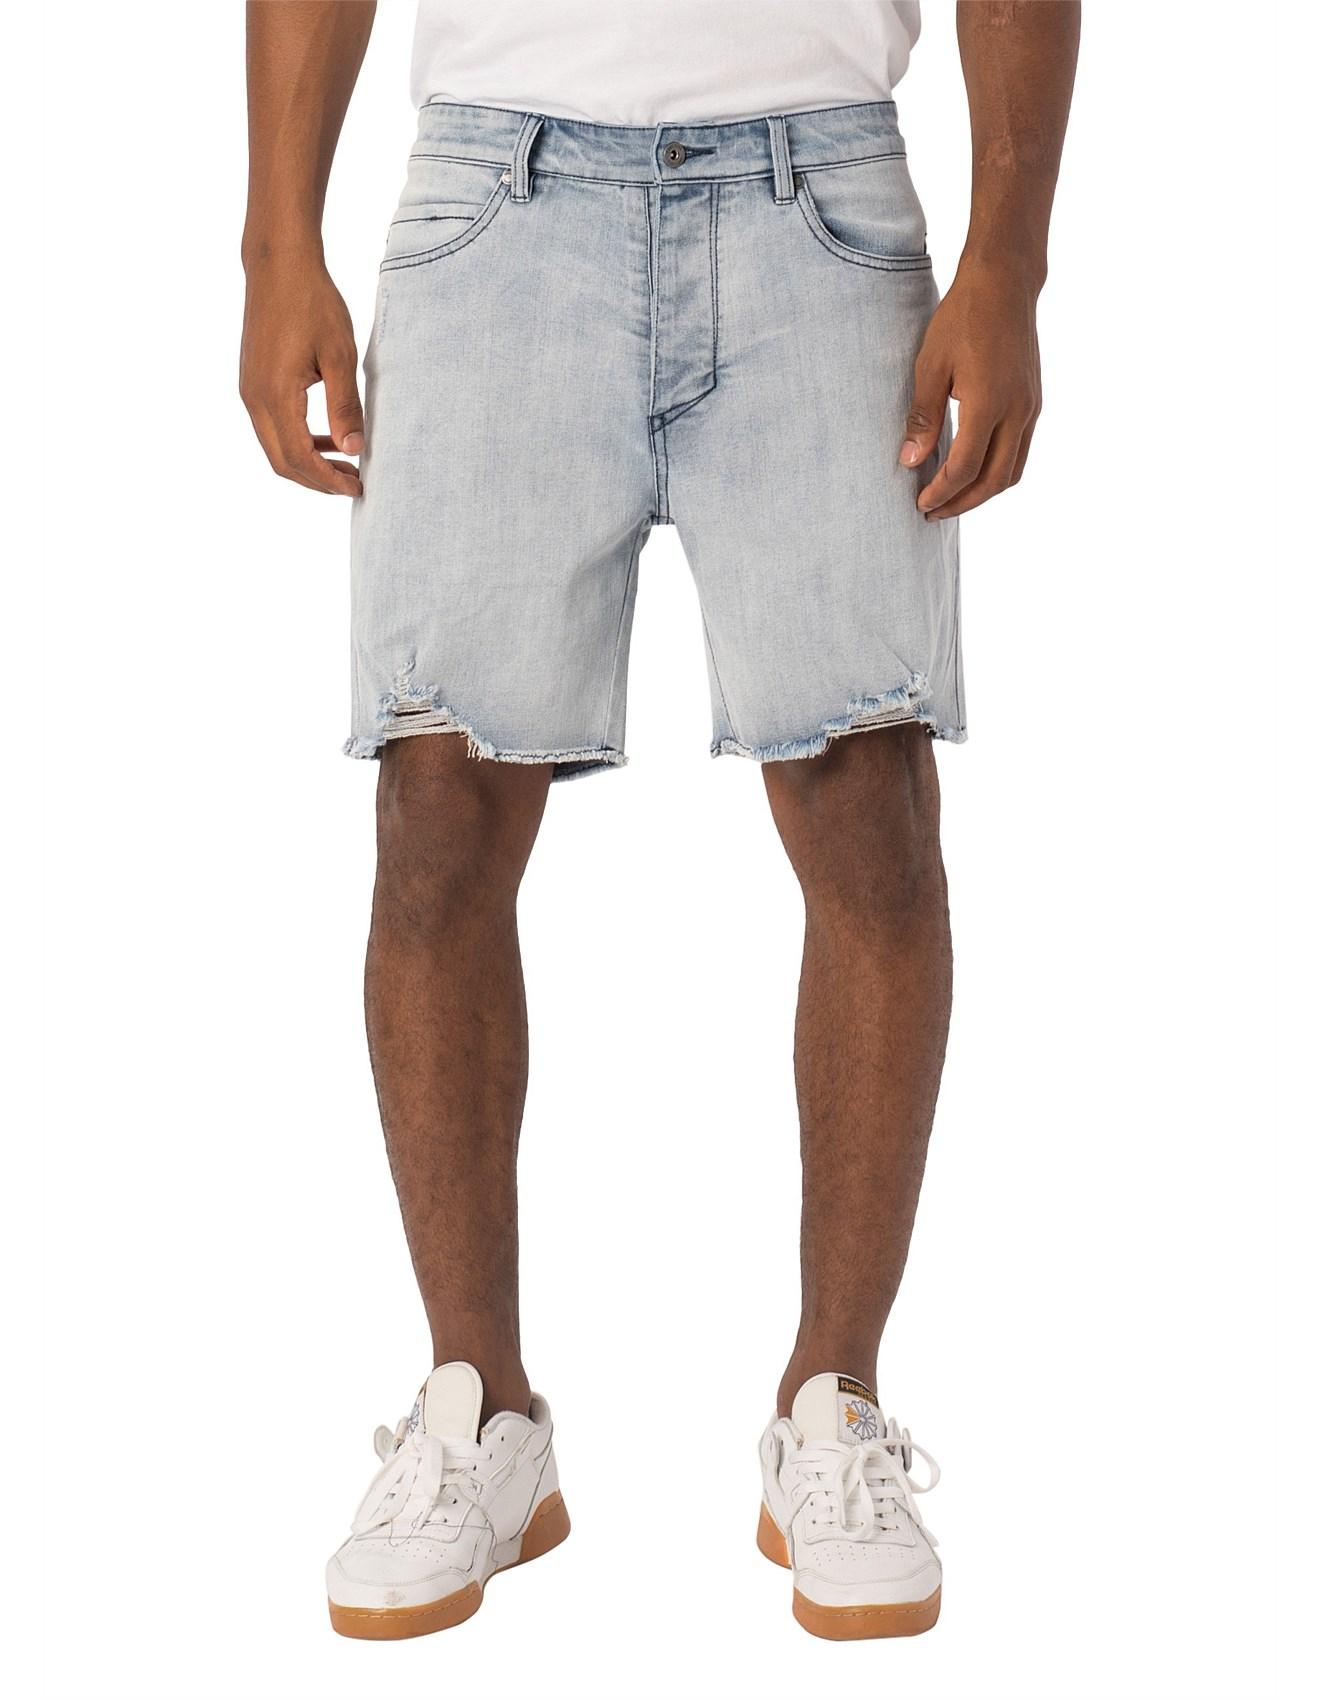 176d5a6c6695 Men s Shorts Sale